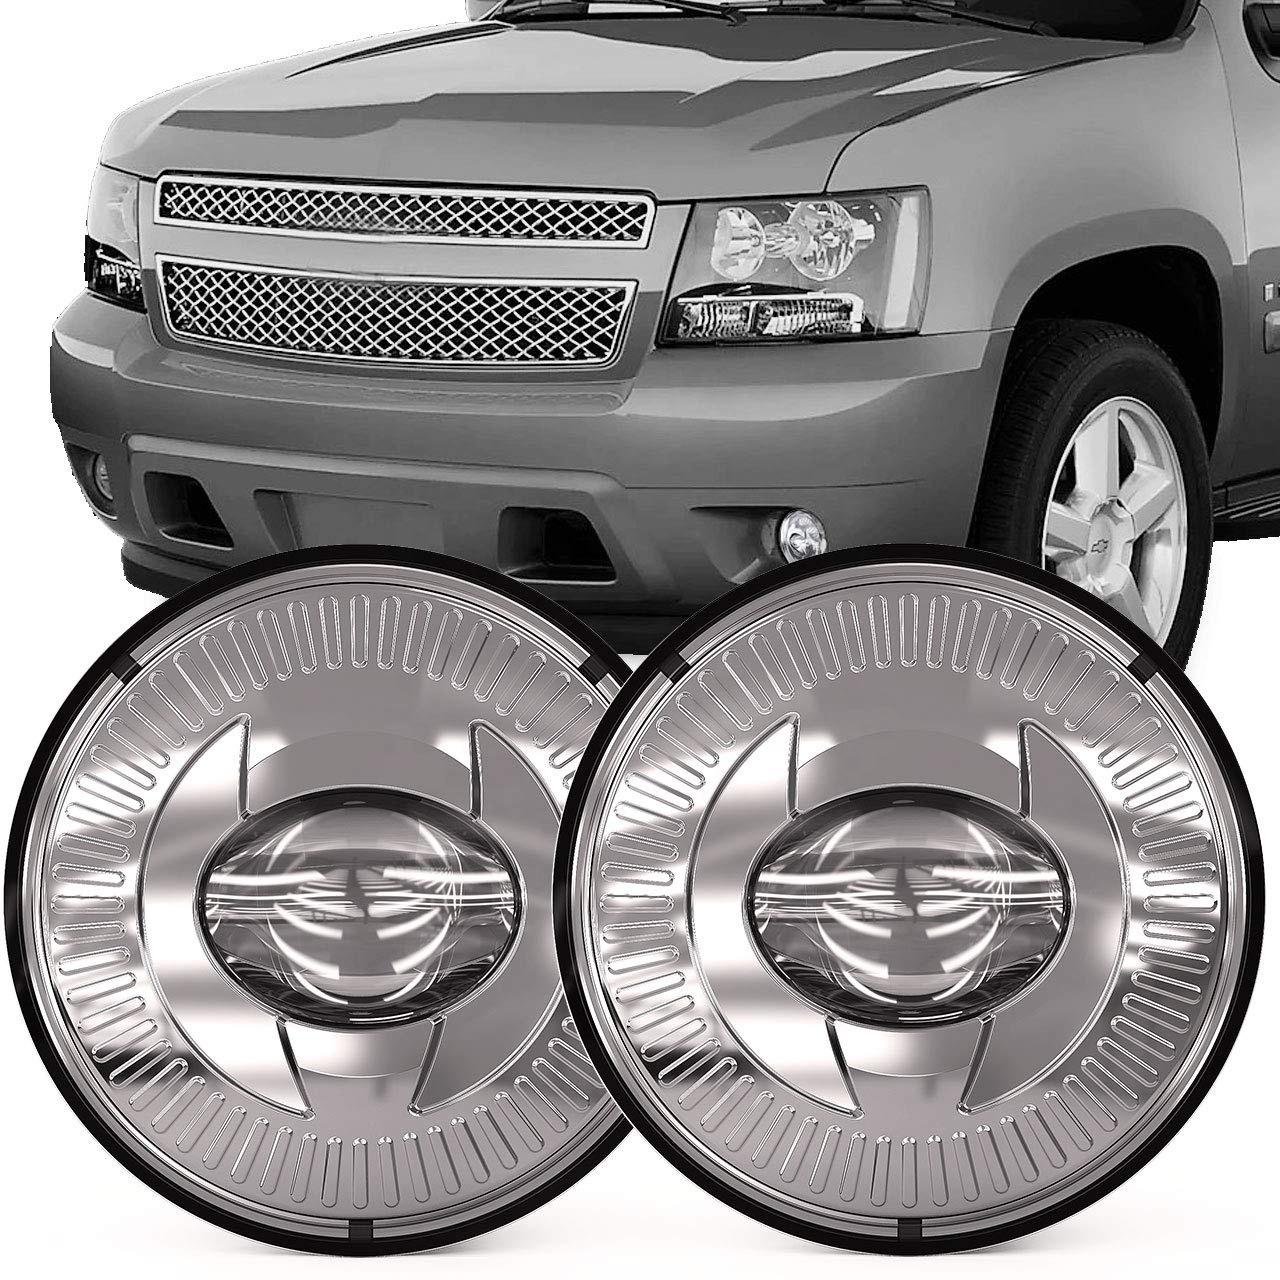 Lensa Bumper Mengemudi Lampu 12V LED Lampu Kabut untuk Chevy Chevrolet